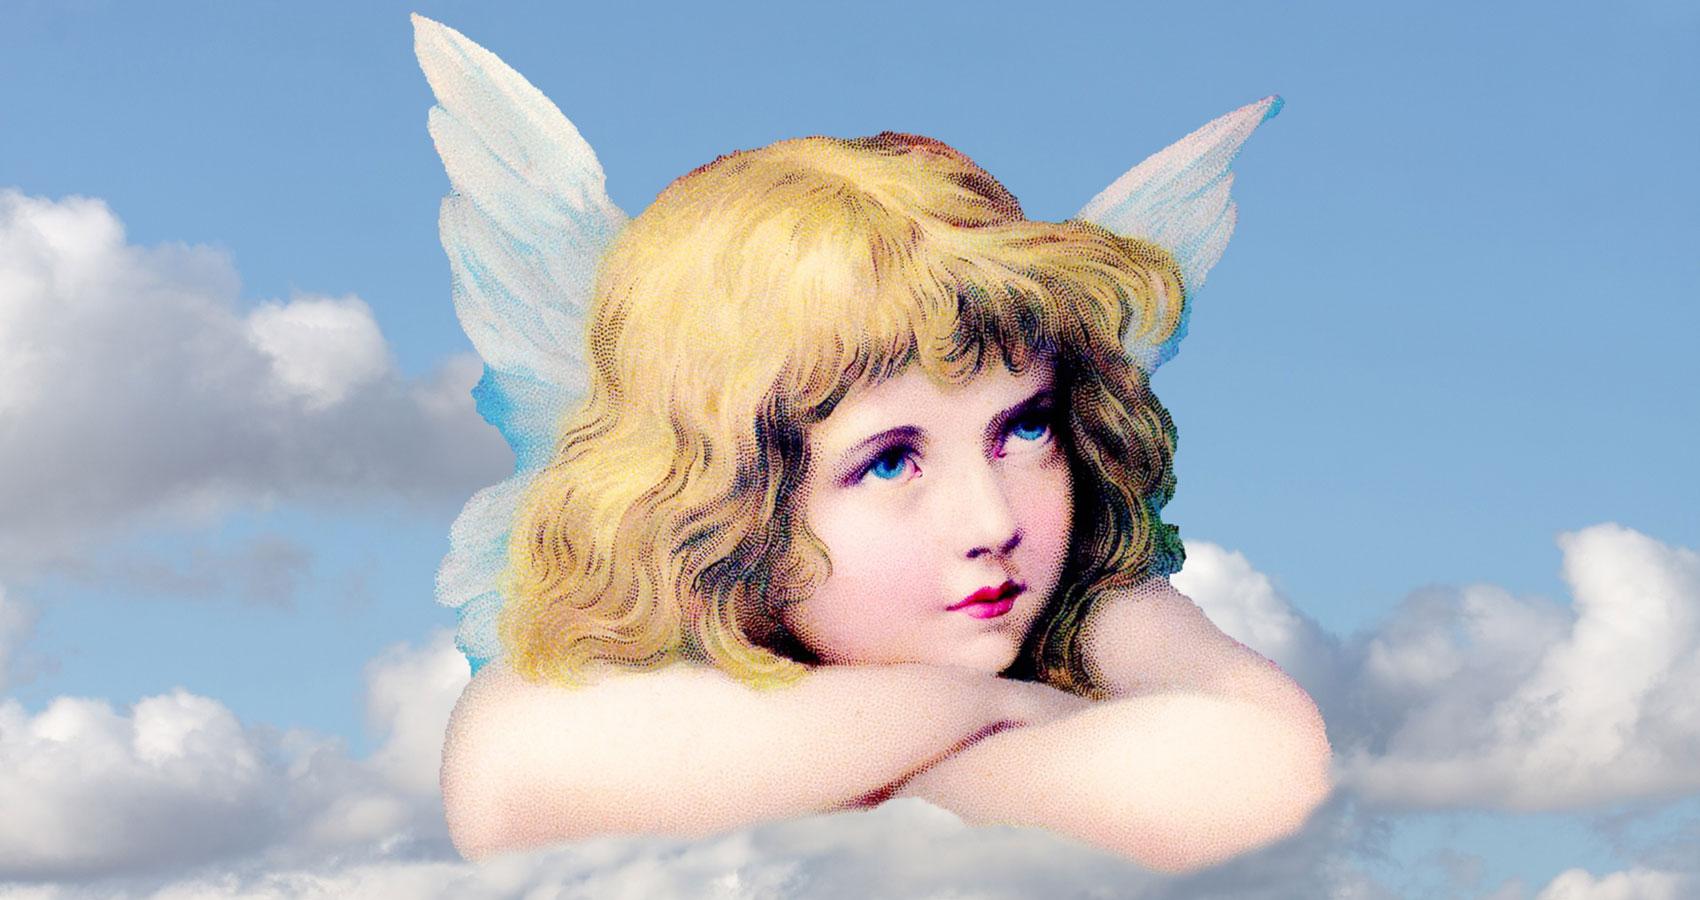 Картинка ангелы на облаках